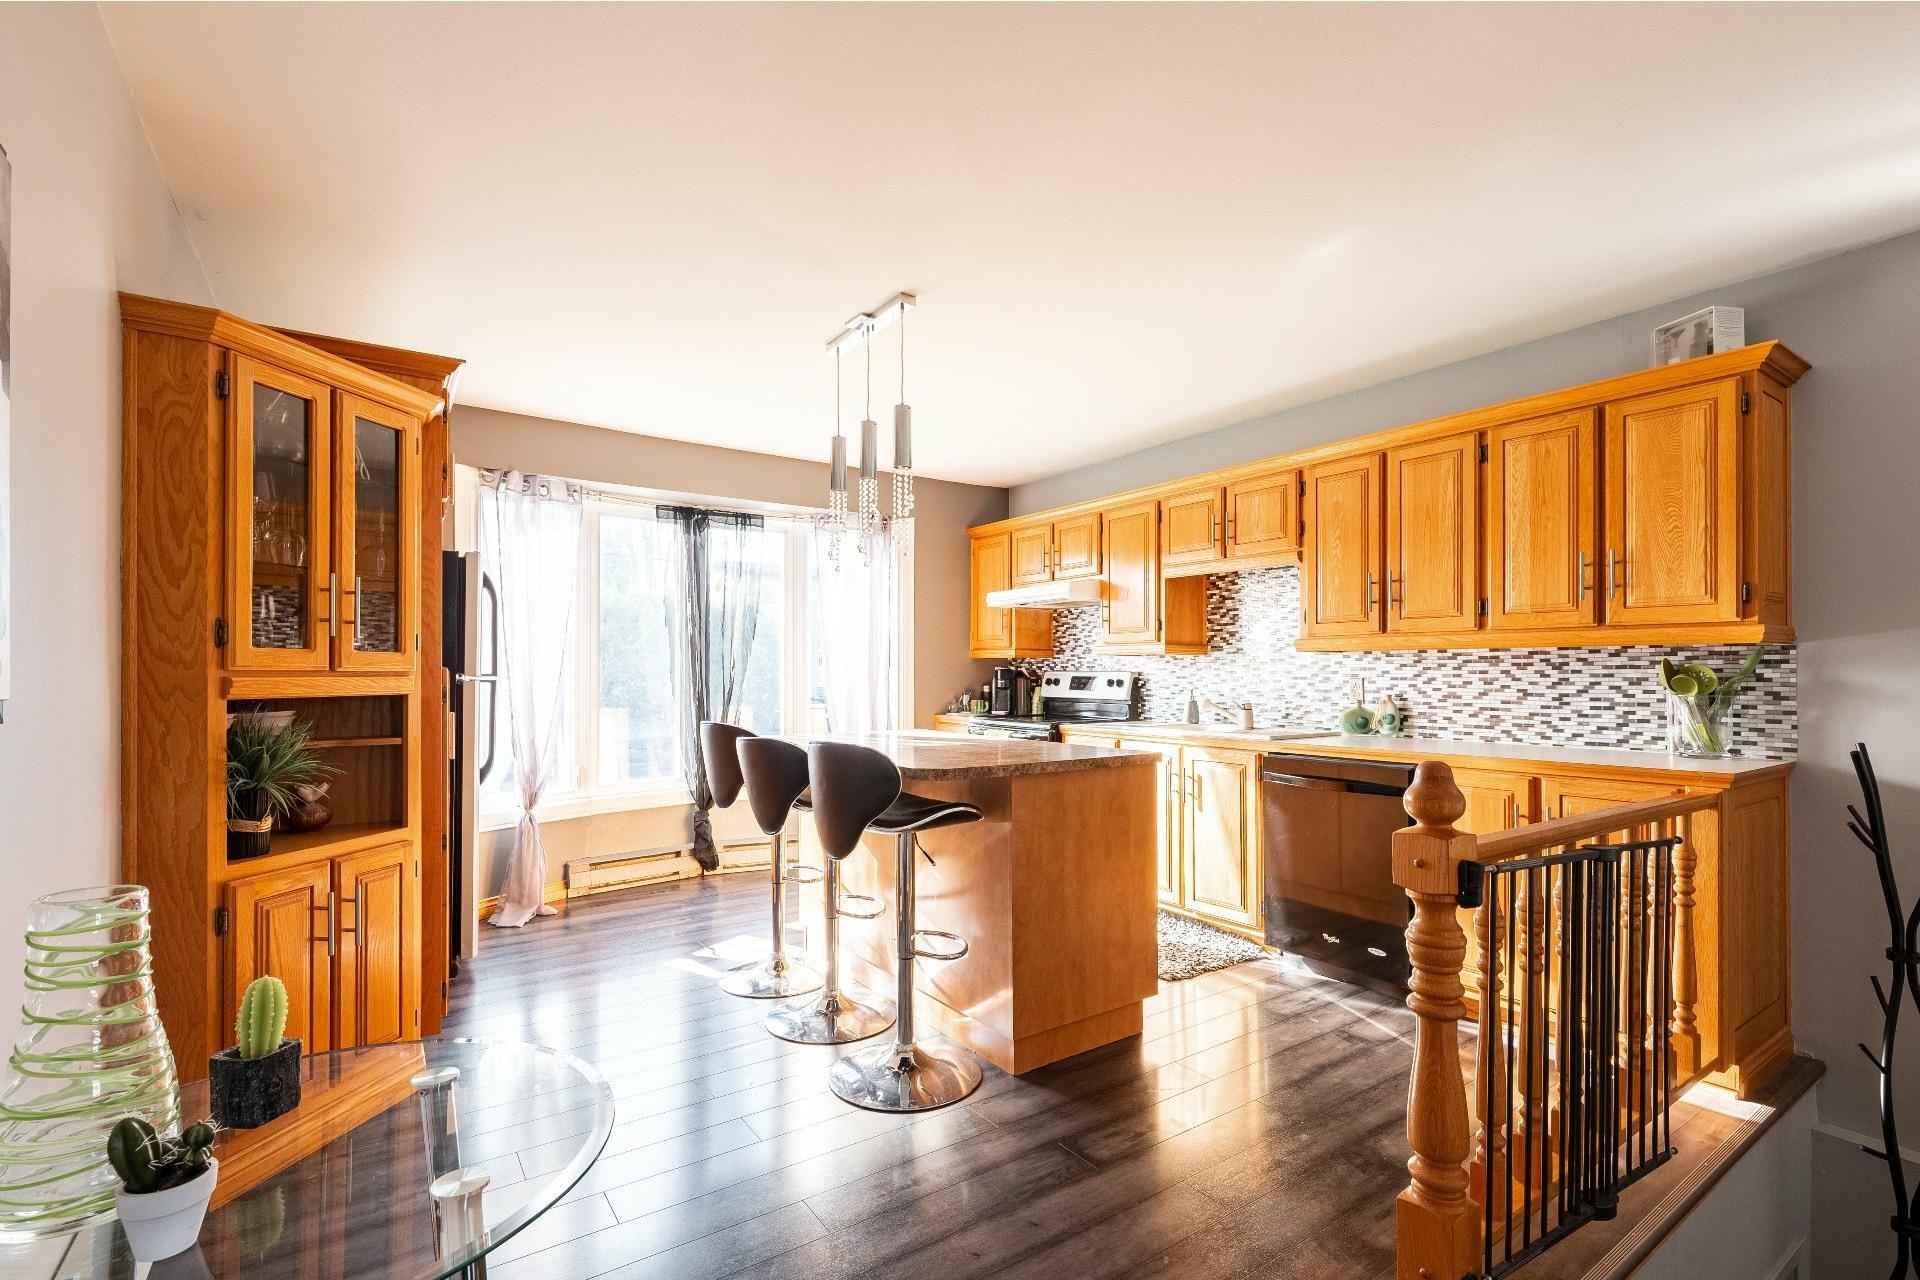 image 4 - Maison À vendre Salaberry-de-Valleyfield - 9 pièces